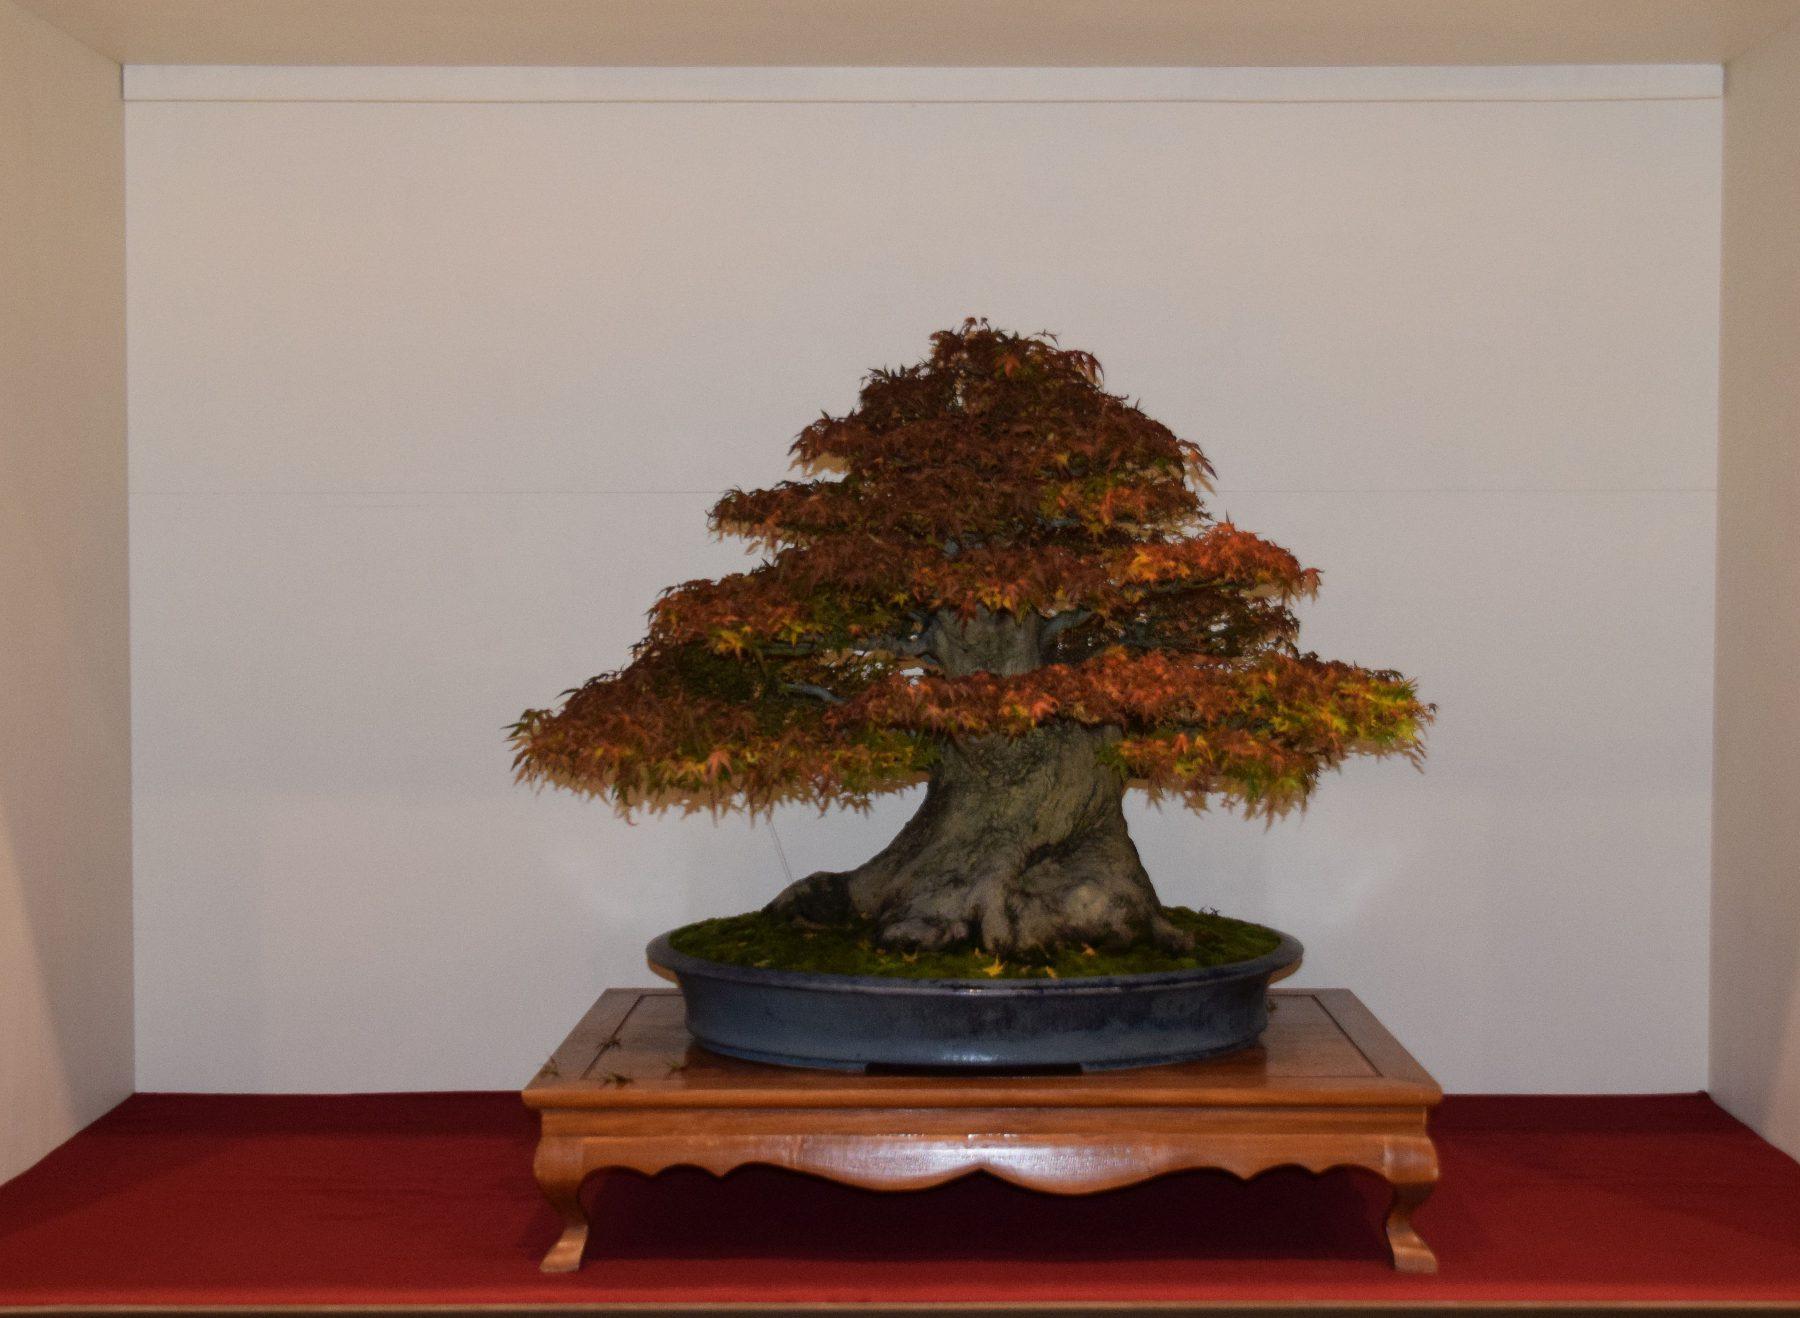 euk-bonsai-ten-2016-jp-polmans-collectie-006